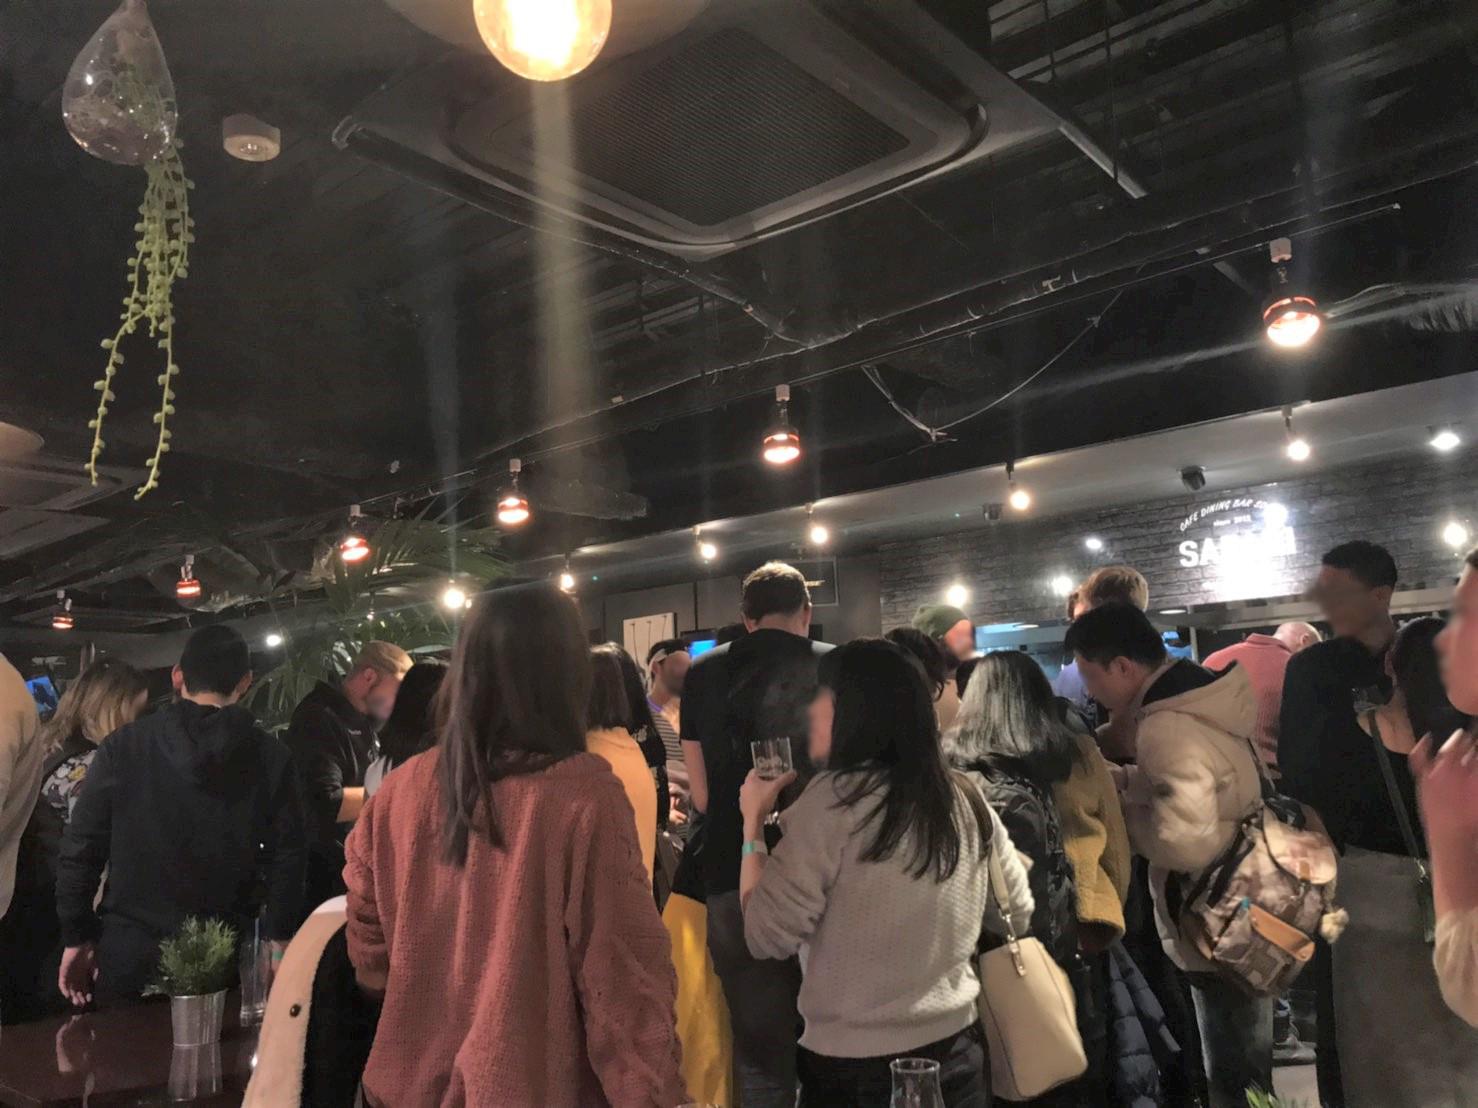 パブクロール「オーストラリア・デイ パーティー」(大阪)